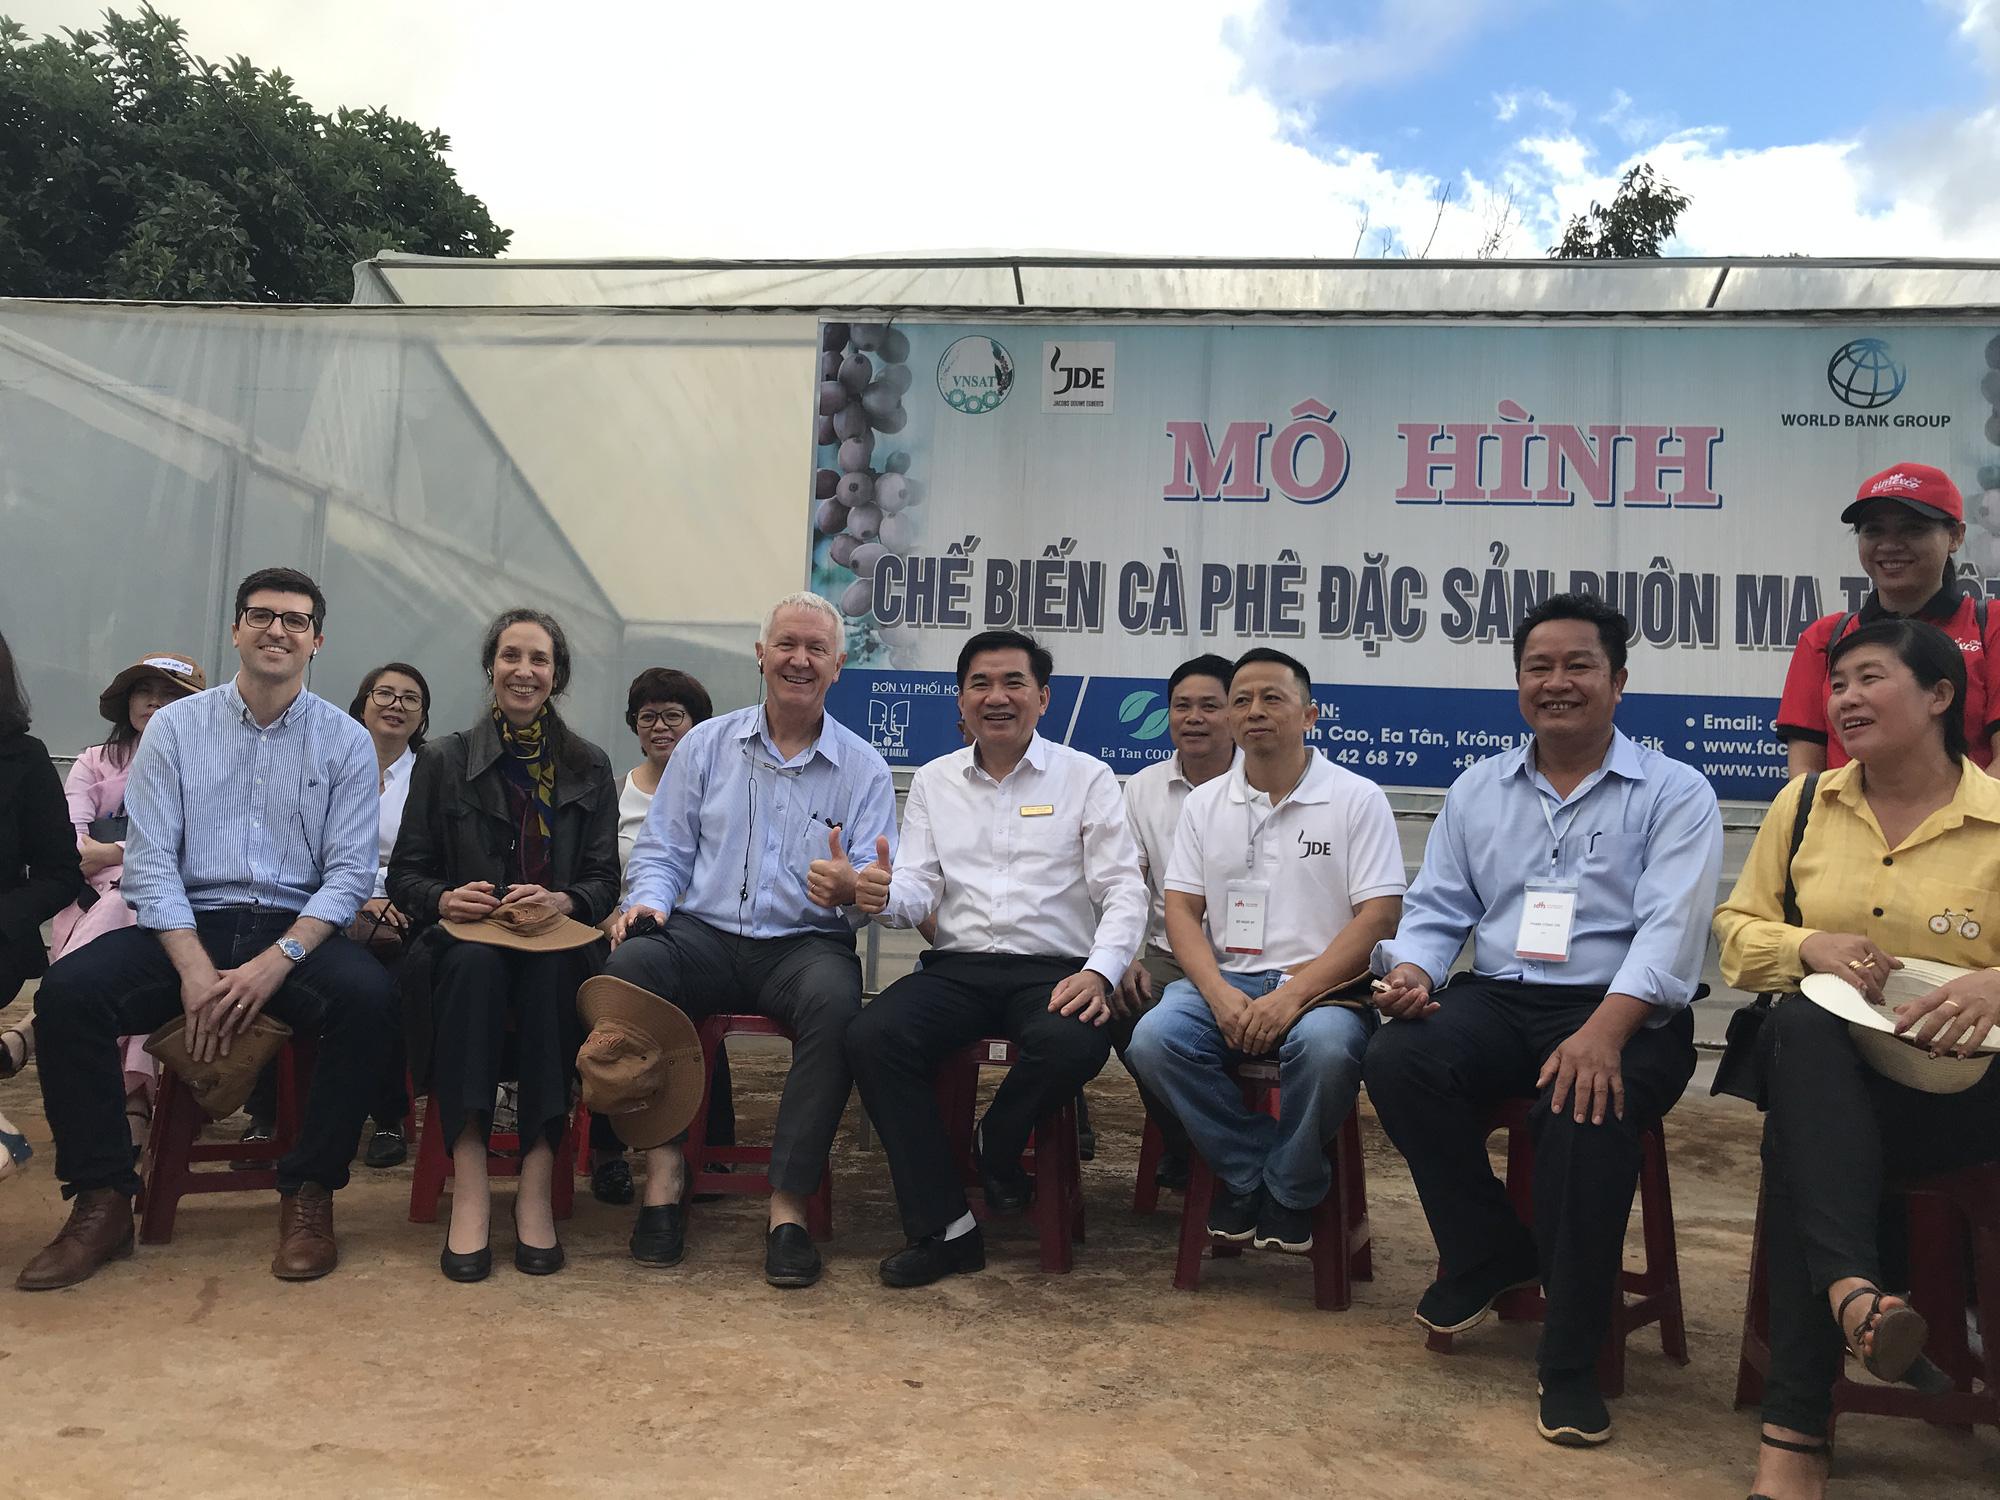 Đại sứ đặc mệnh toàn quyền Thụy Sĩ tại Việt Nam thăm nông dân Đắk Lắk - Ảnh 5.